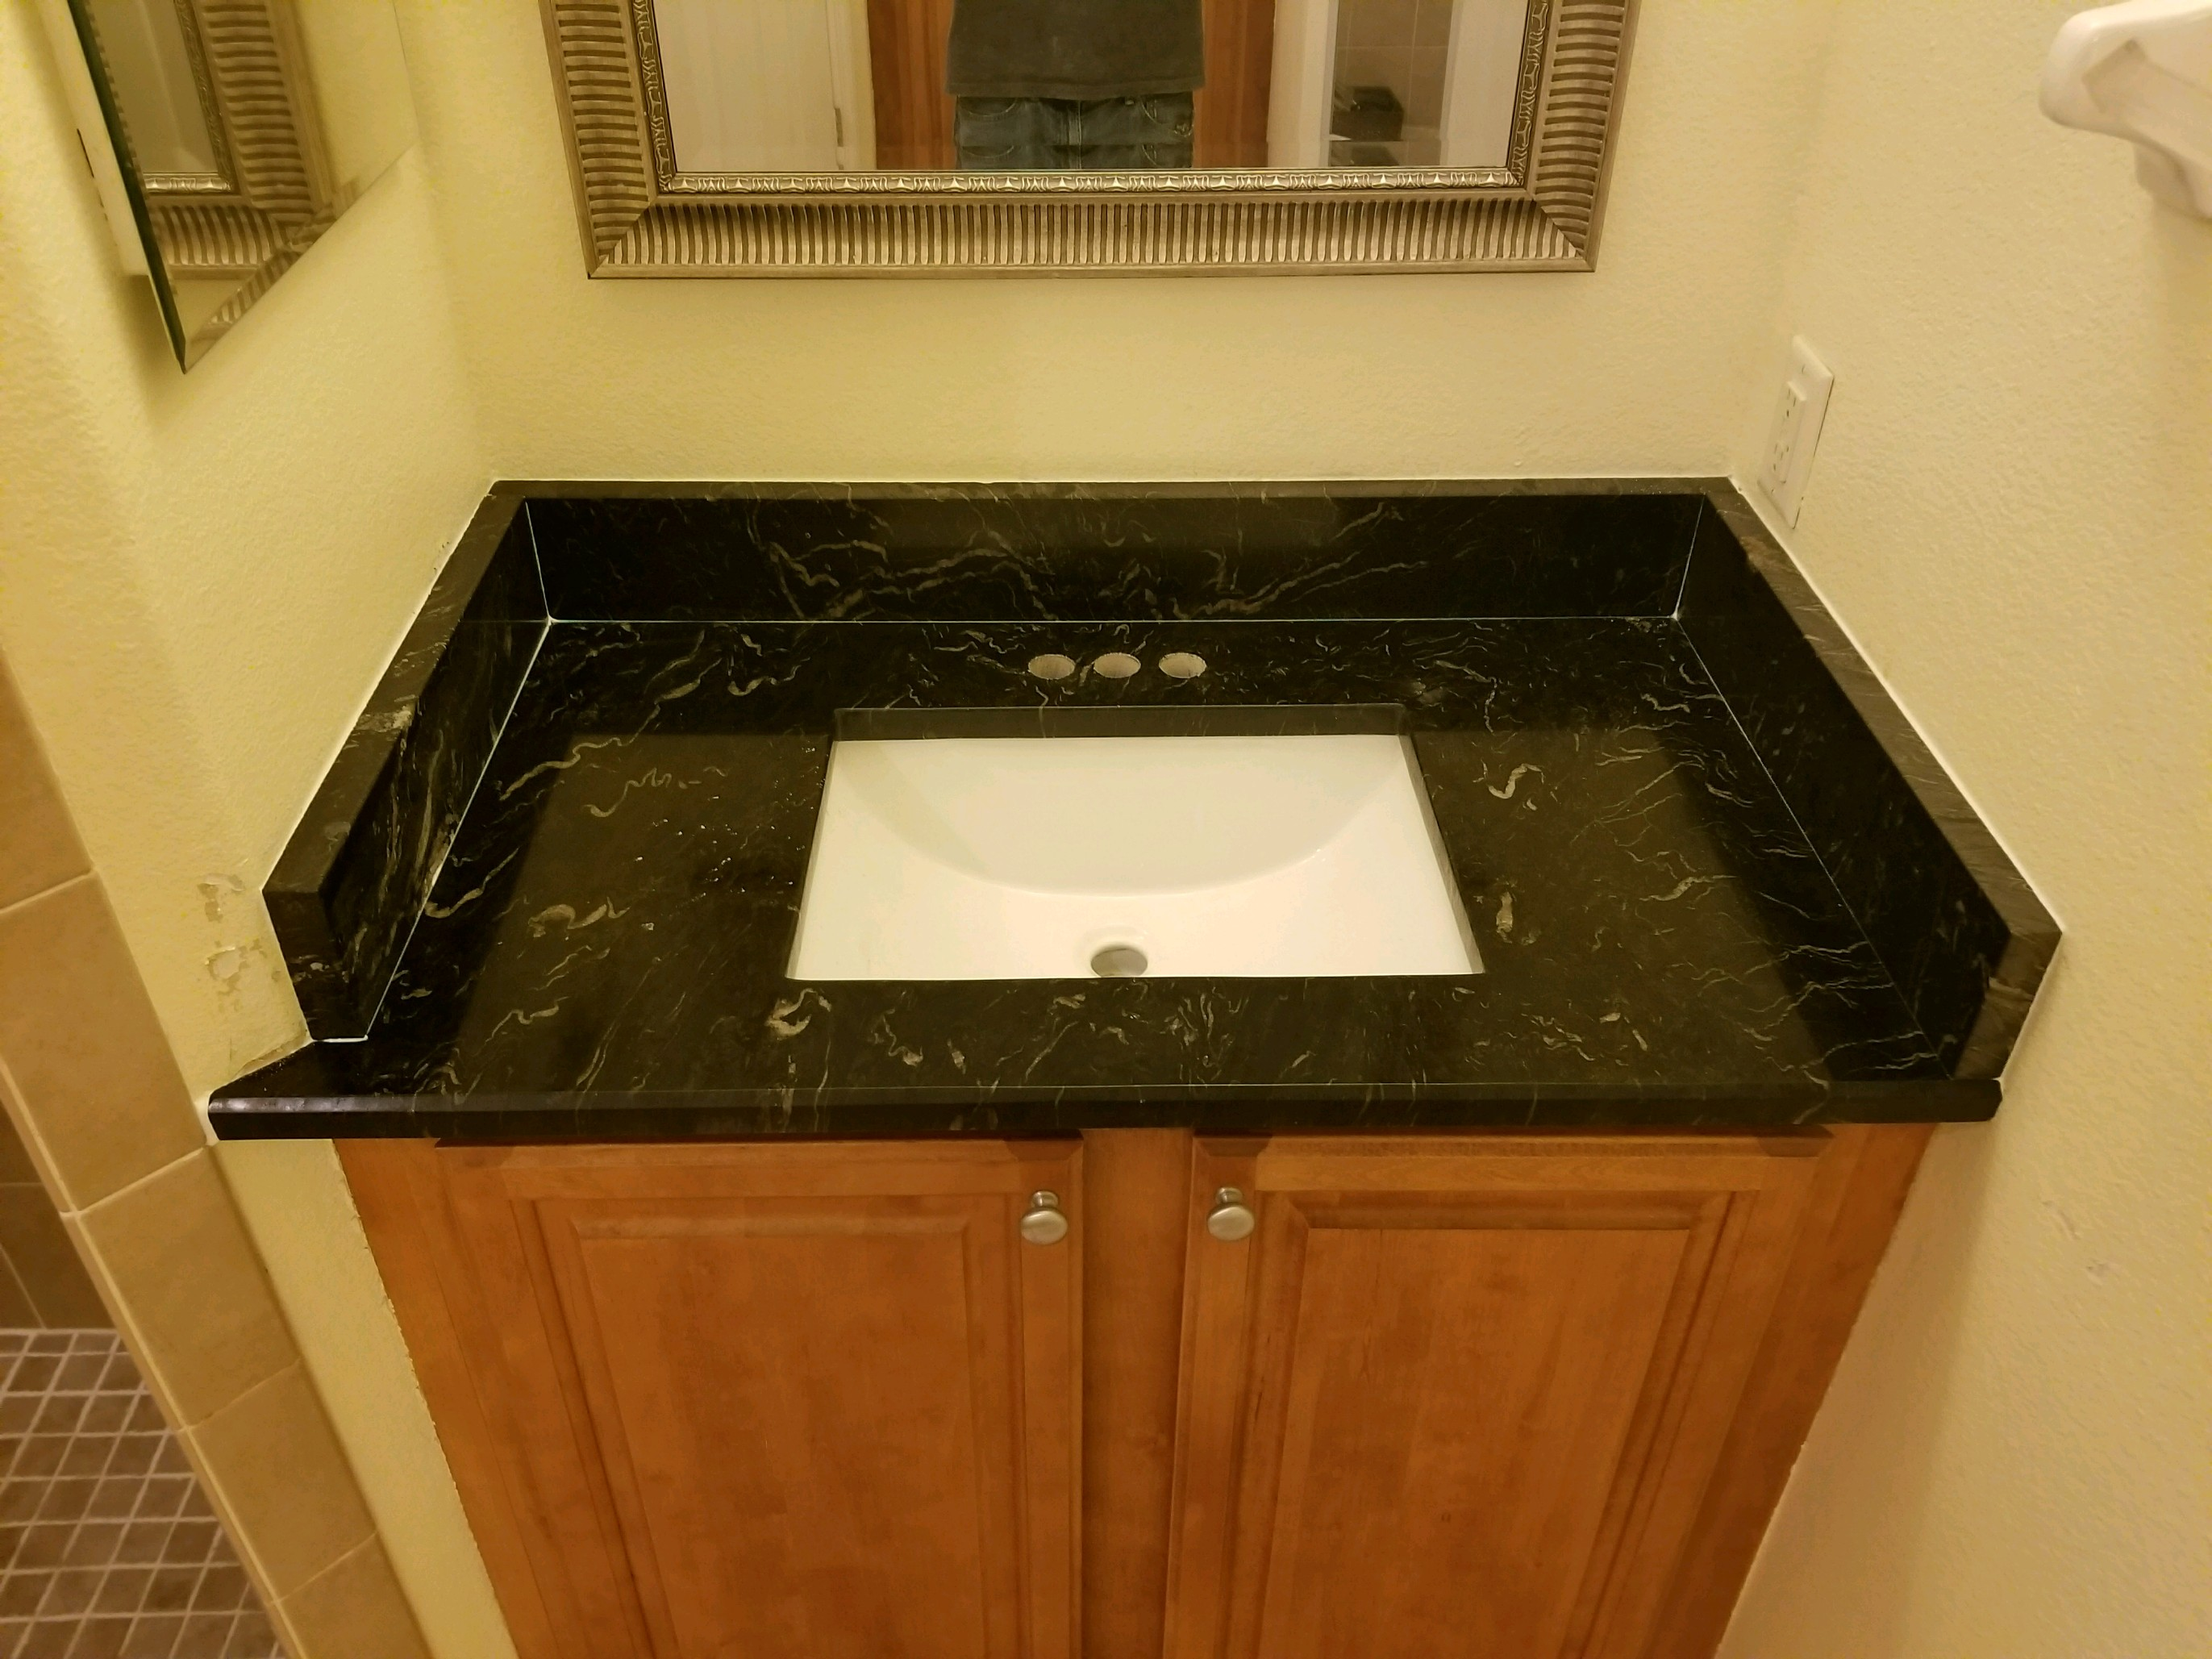 Titanium Black Granite Bathroom Countertops Remodel In Clearwater Fl - Bathroom countertop remodel